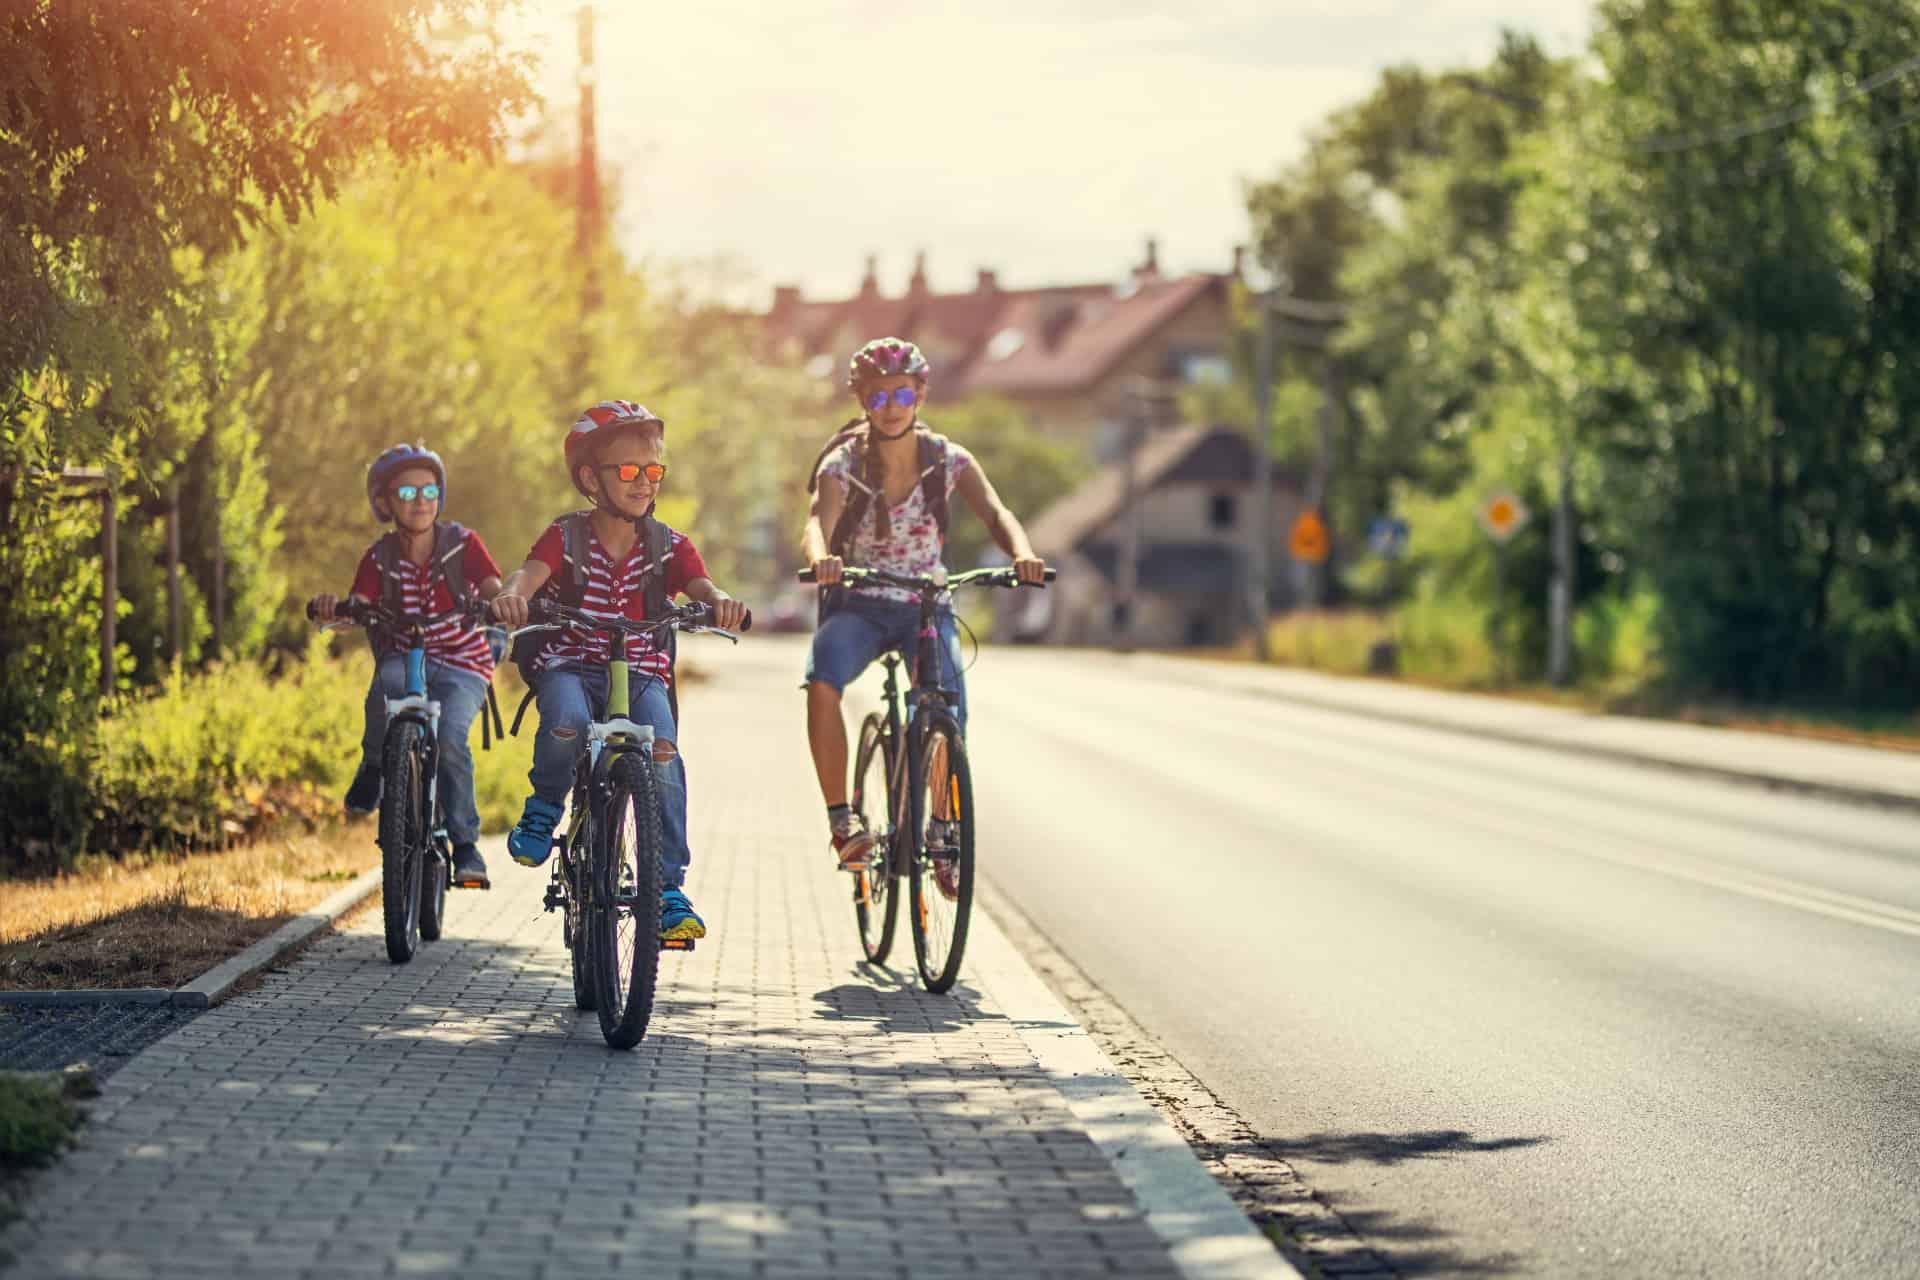 Coronalessen: maak het veiliger voor kinderen in het verkeer